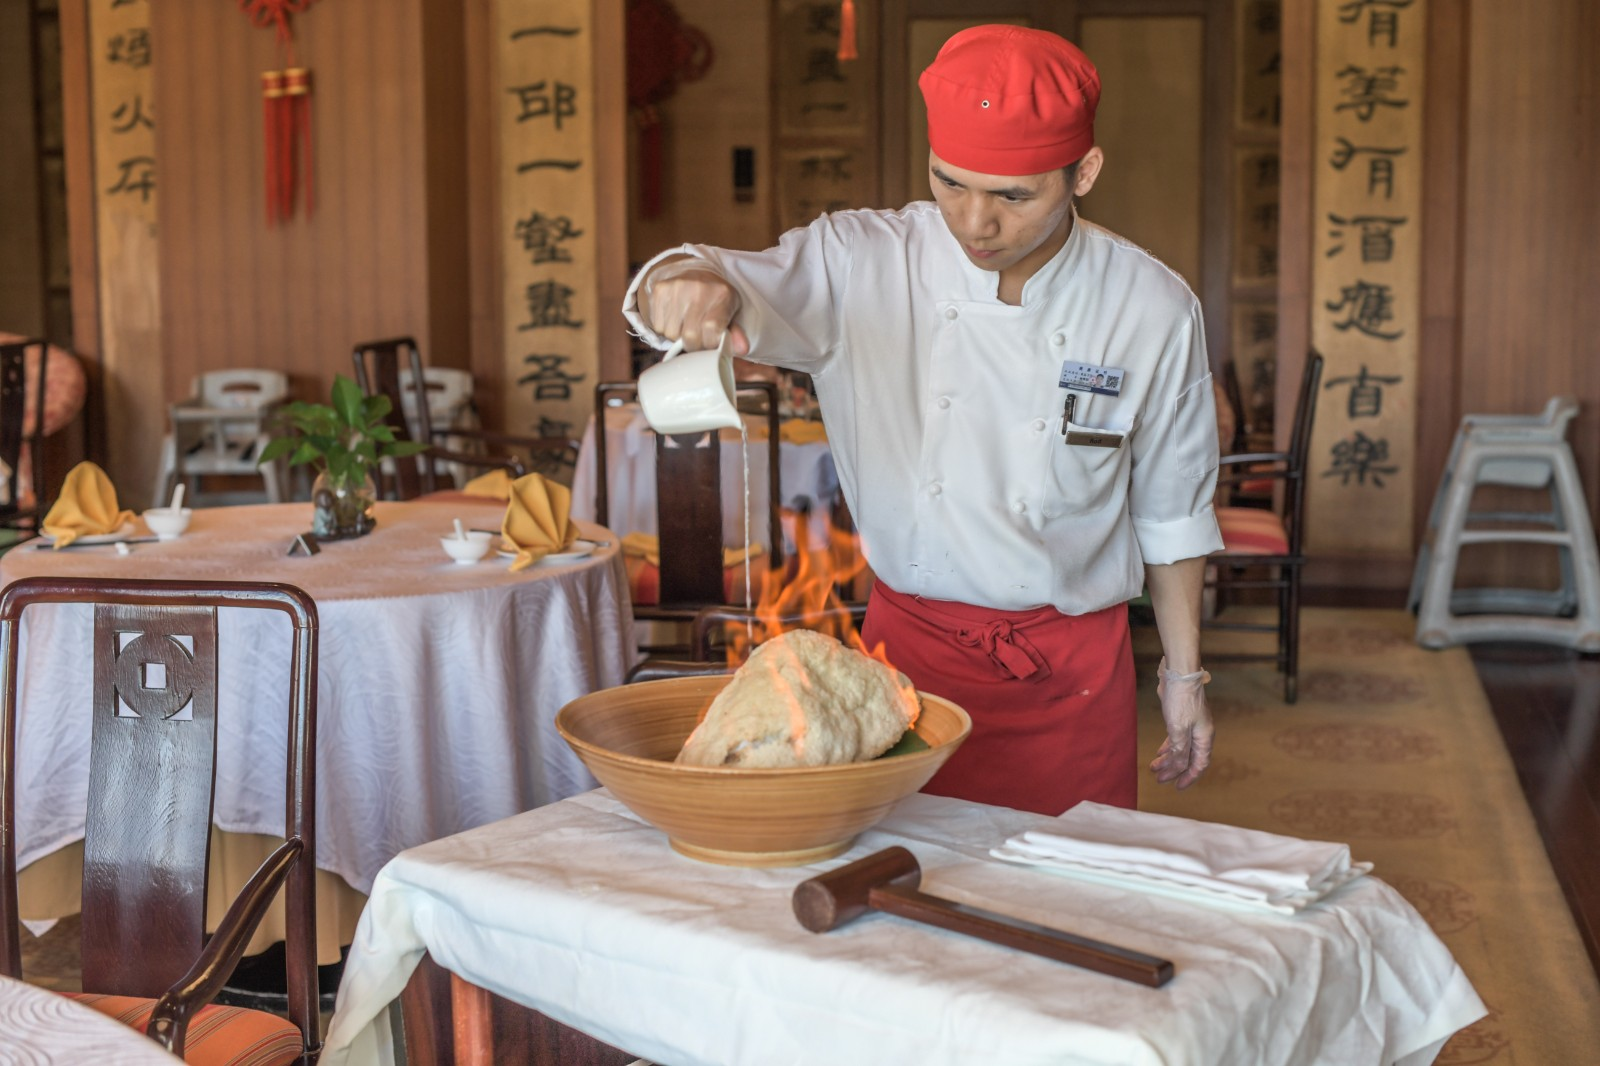 在三亞可吃到正宗粵菜,這是為何?有一定的歷史原因